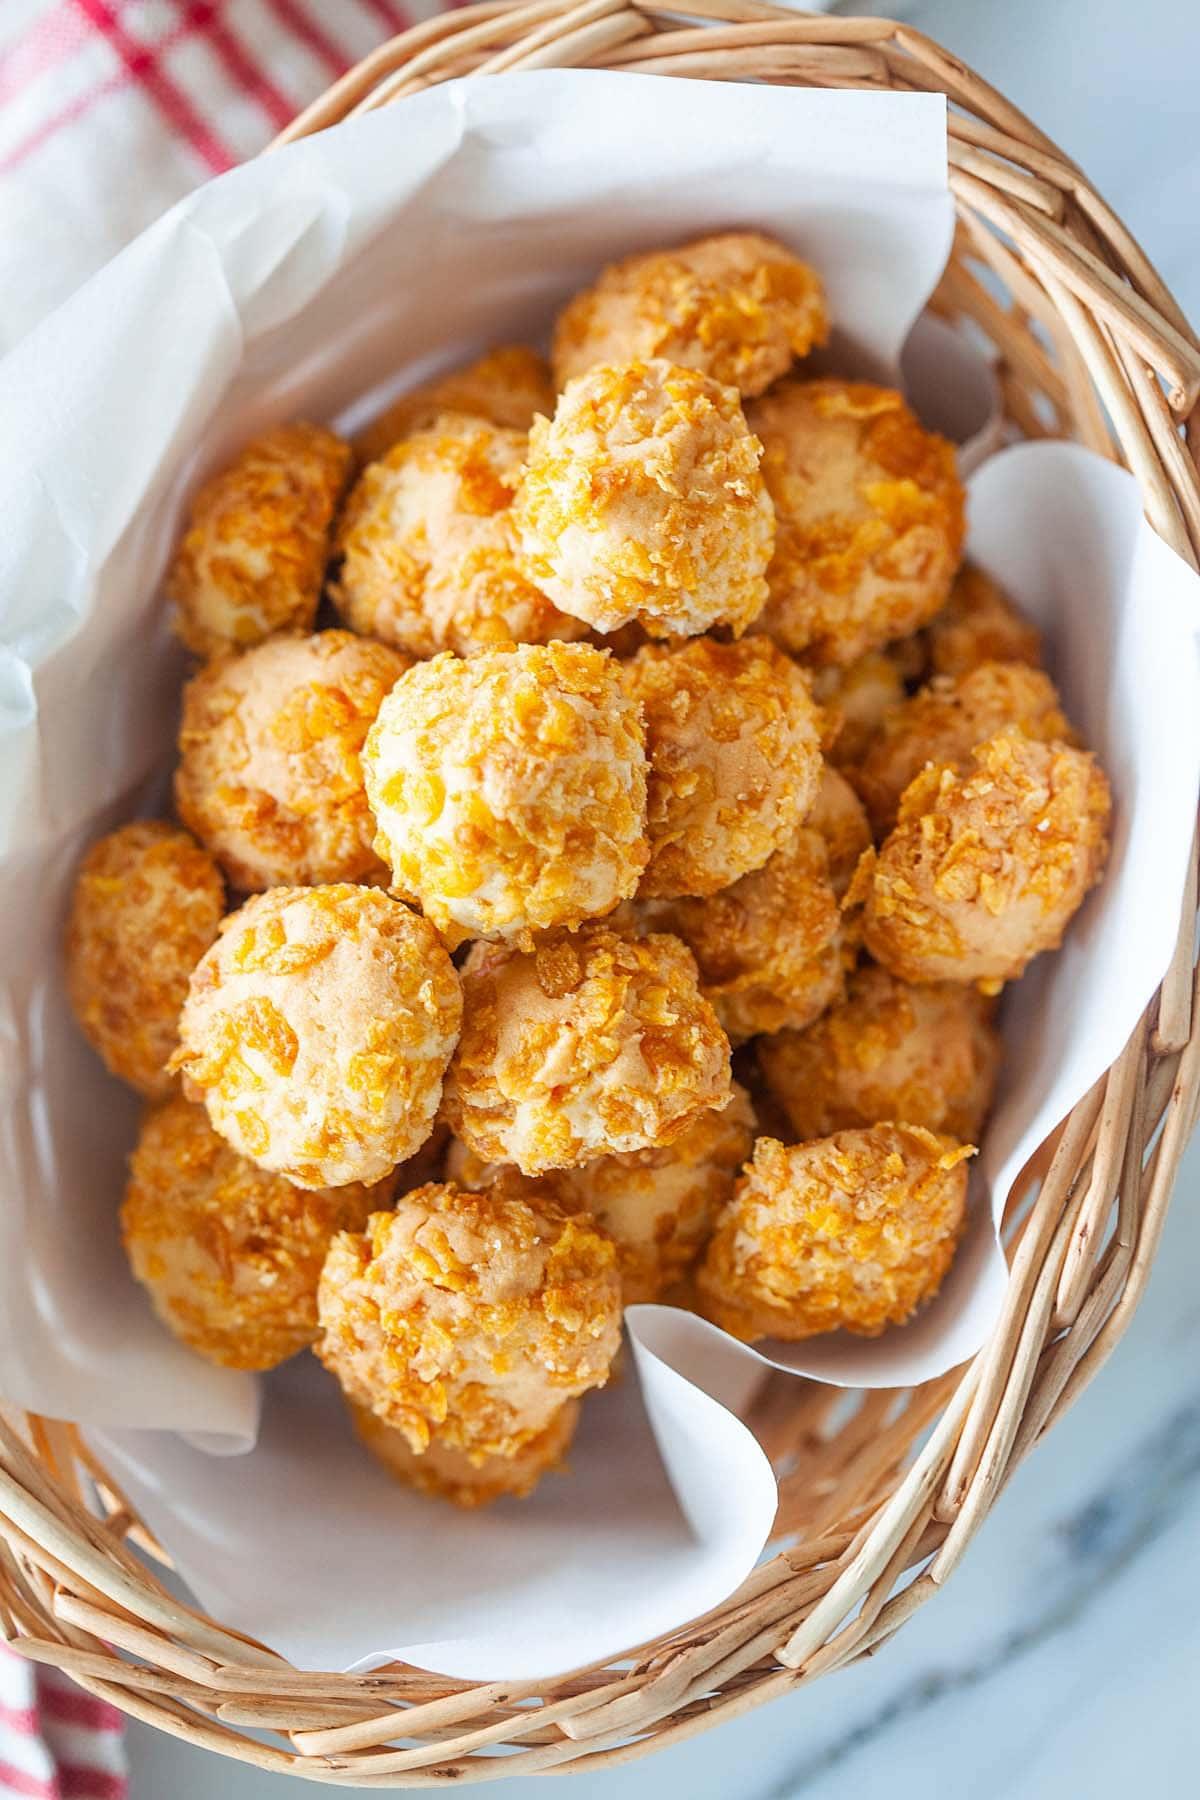 Recette facile de biscuits aux flocons de maïs qui donne des biscuits au beurre, croustillants et savoureux.